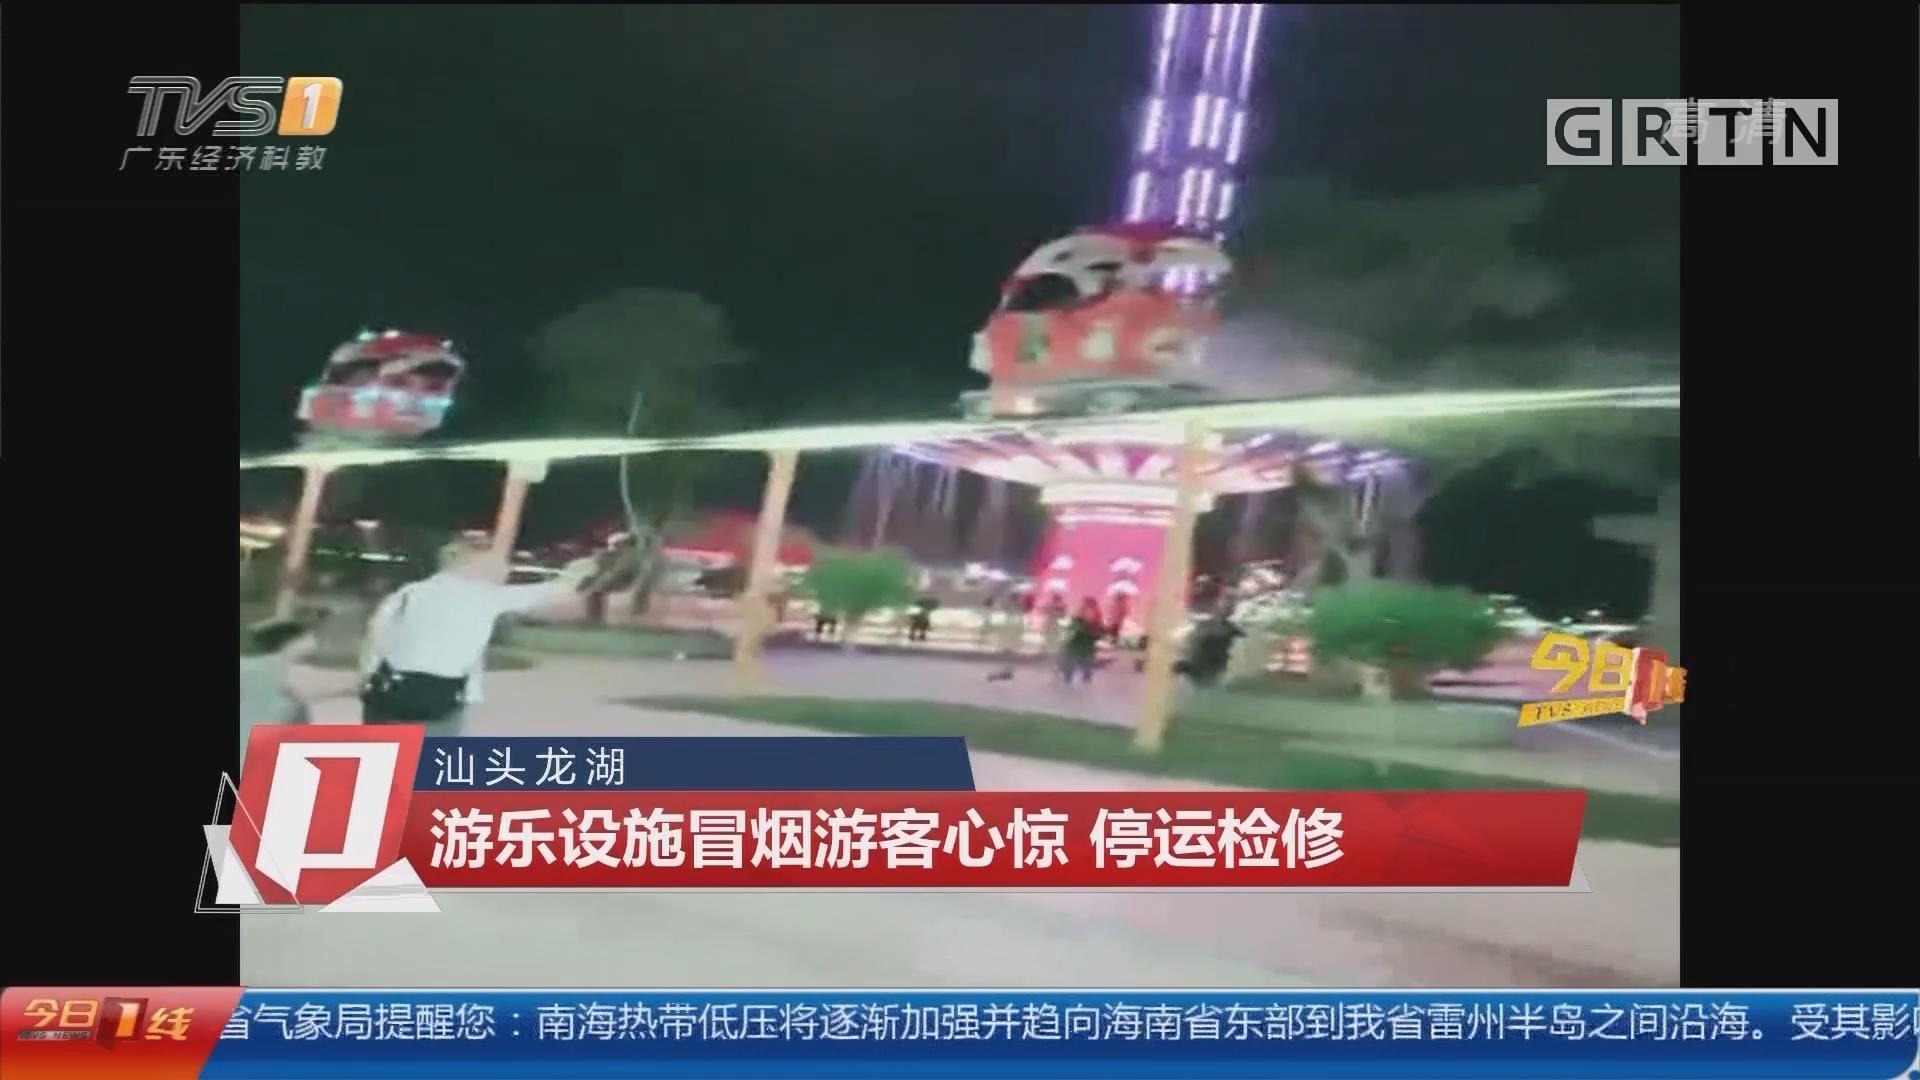 汕头龙湖:游乐设施冒烟游客心惊 停运检修